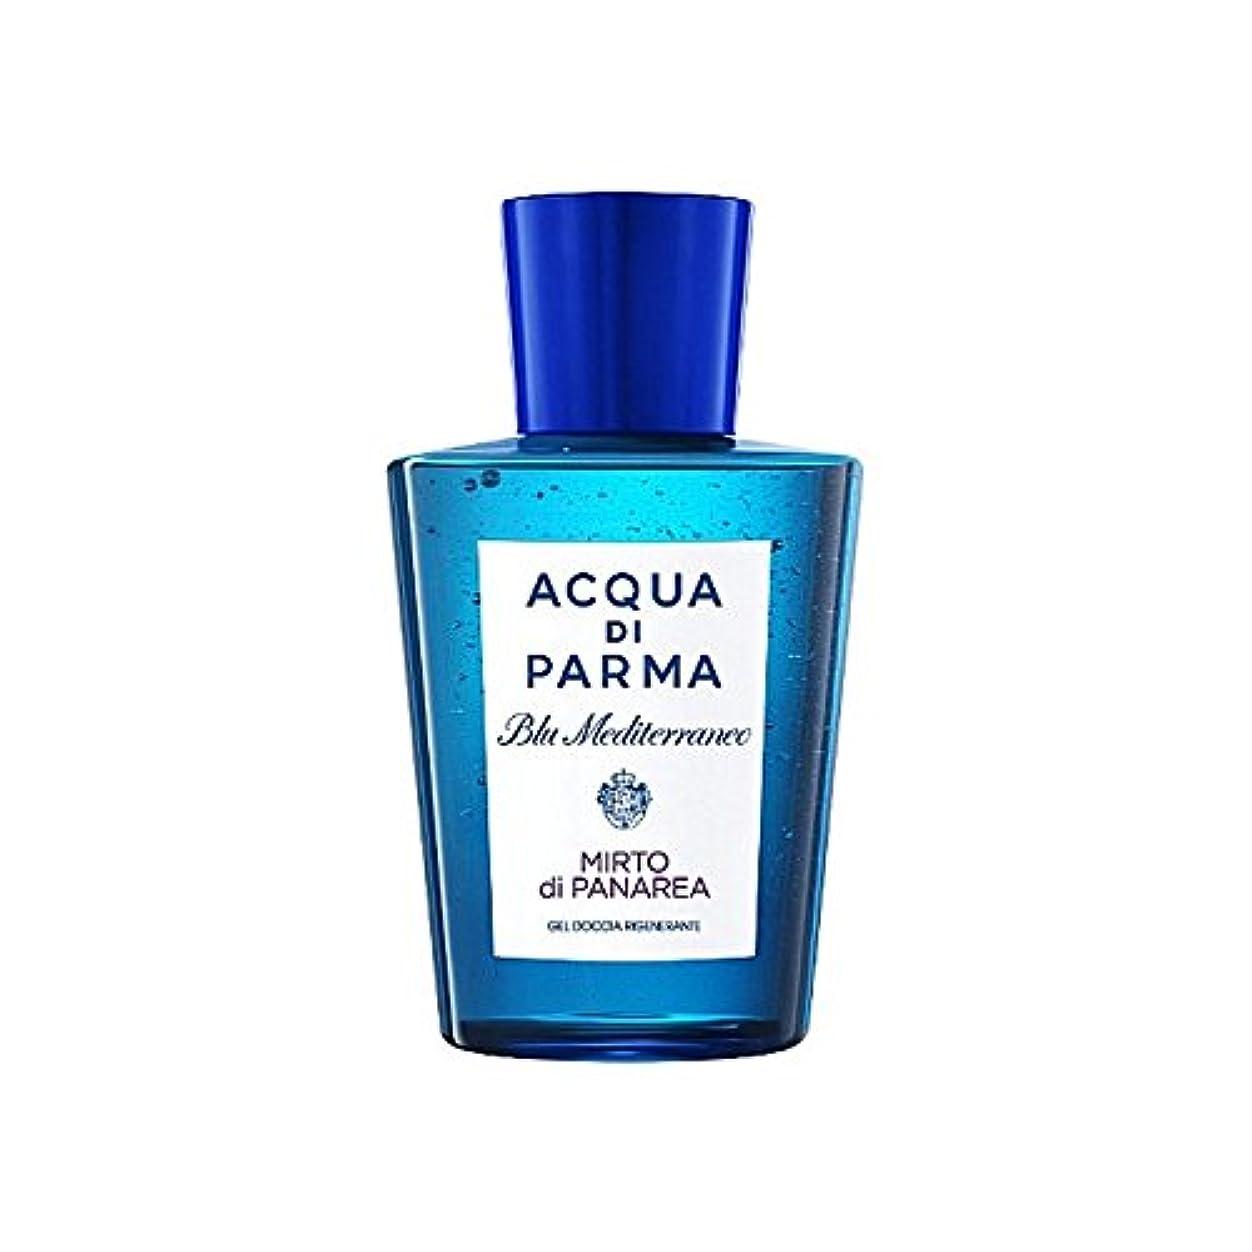 引き出す排気ドラッグアクアディパルマブルーメディミルトディパナレアシャワージェル200 x2 - Acqua Di Parma Blu Mediterraneo Mirto Di Panarea Shower Gel 200ml (Pack of 2) [並行輸入品]